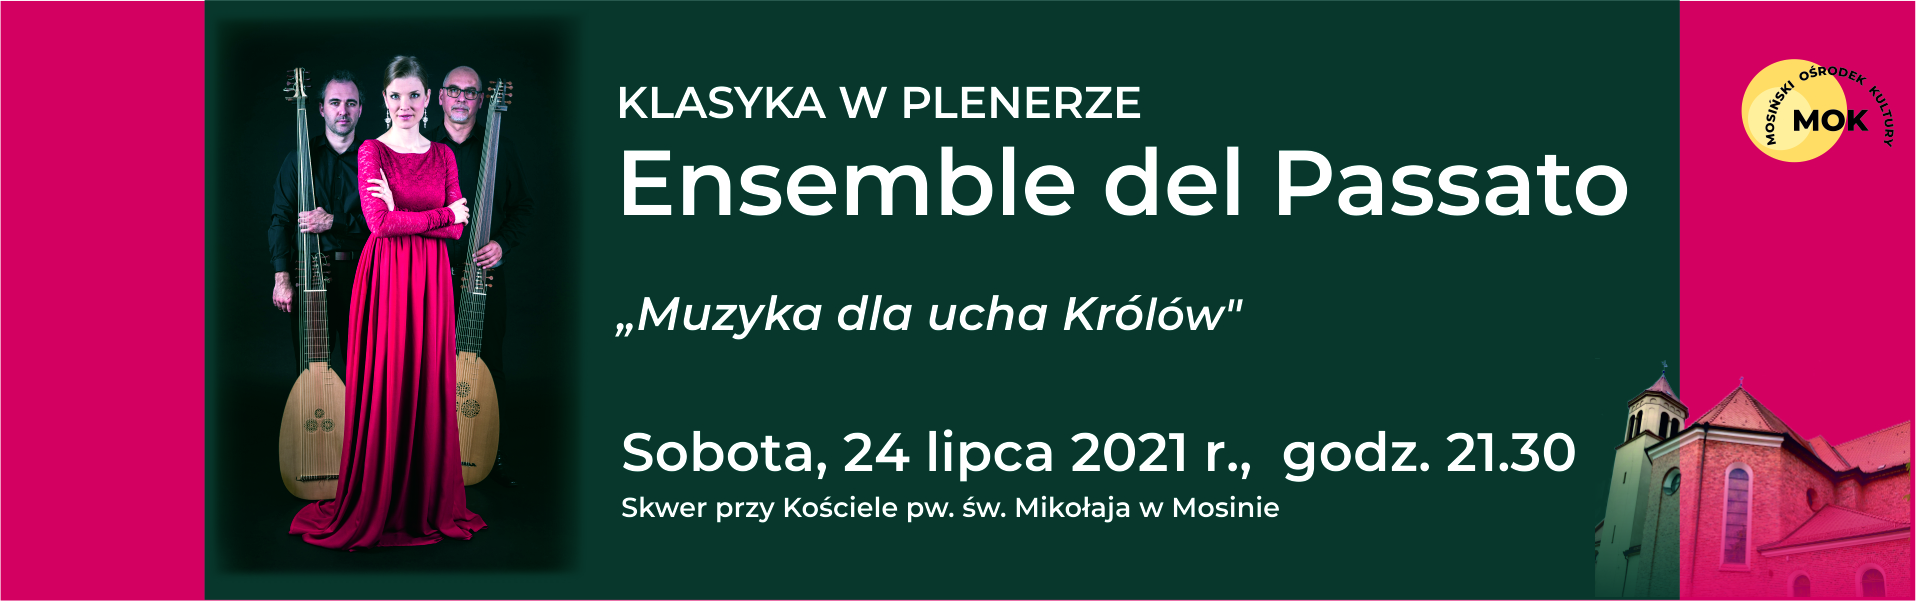 """Klasyka w plenerze, Ensemble del Passato, """"Muzyka dla ucha Królów"""", Sobota, 24 lipca 2021 r., godz. 21.30. Zdjecie przedstawiające troje muzyków. Kobieta pośrodku w długiej sukni, mężczyźni po bokach z lutniami."""